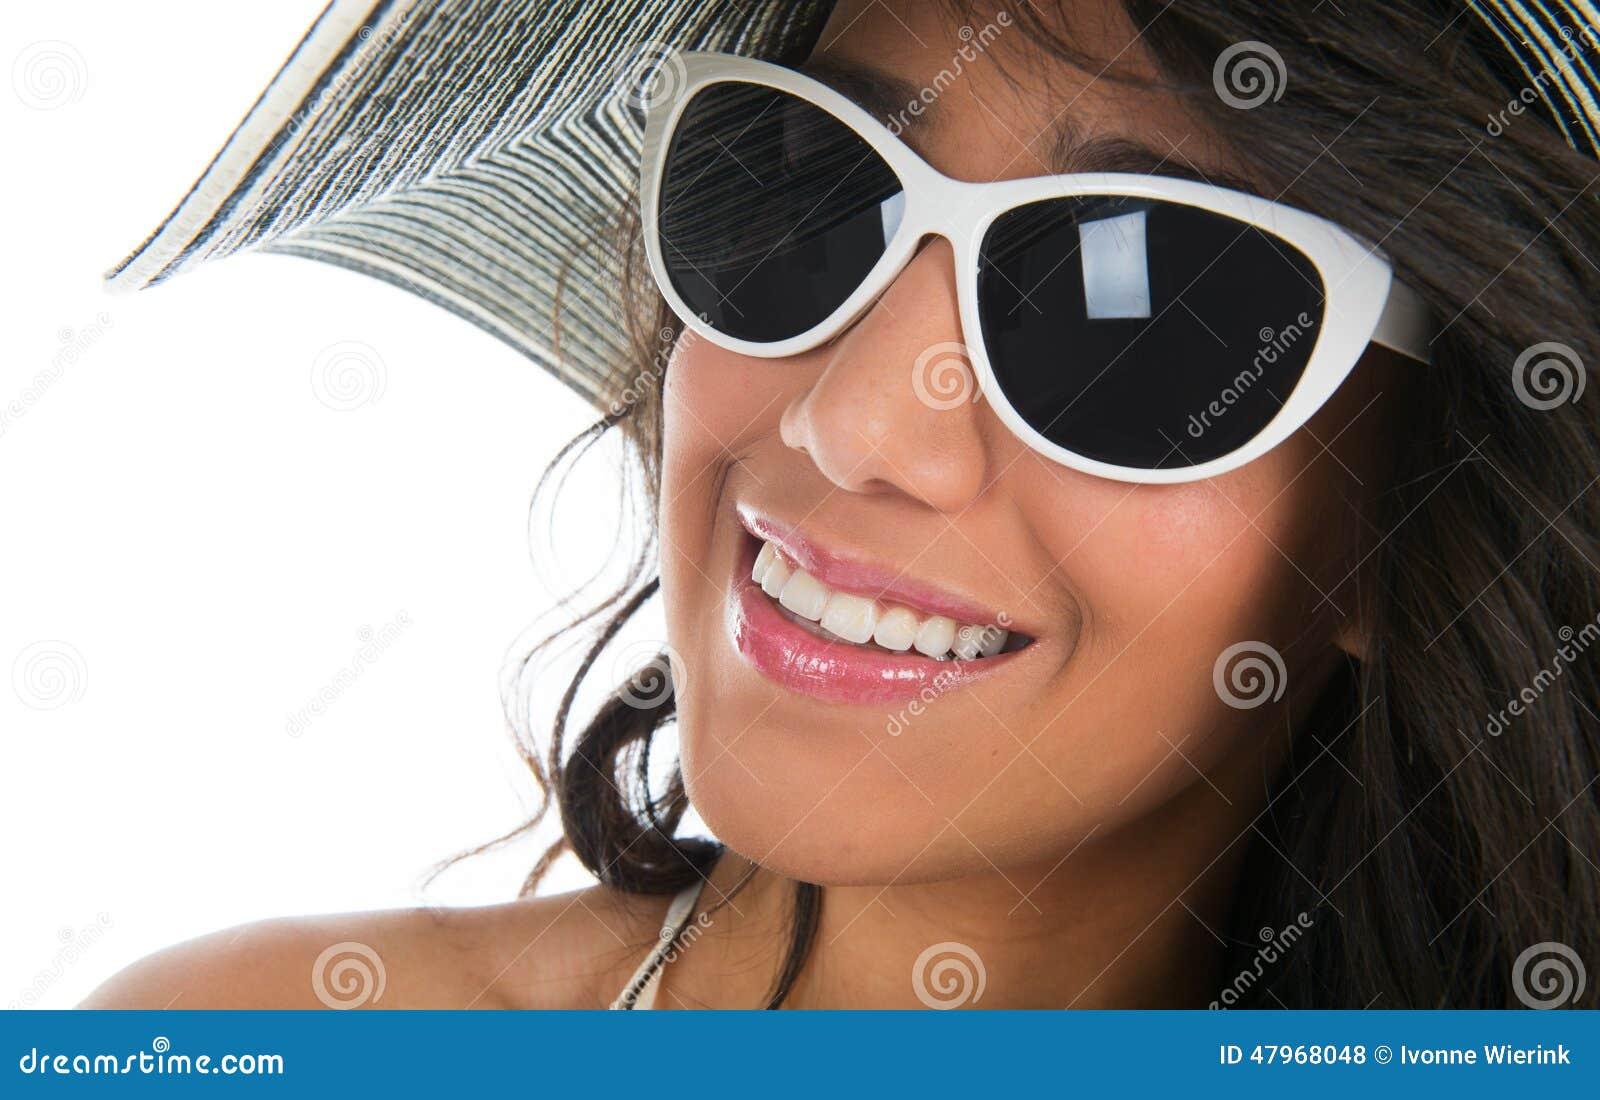 Ritratto della donna di colore in bikini bianco con il cappello di paglia